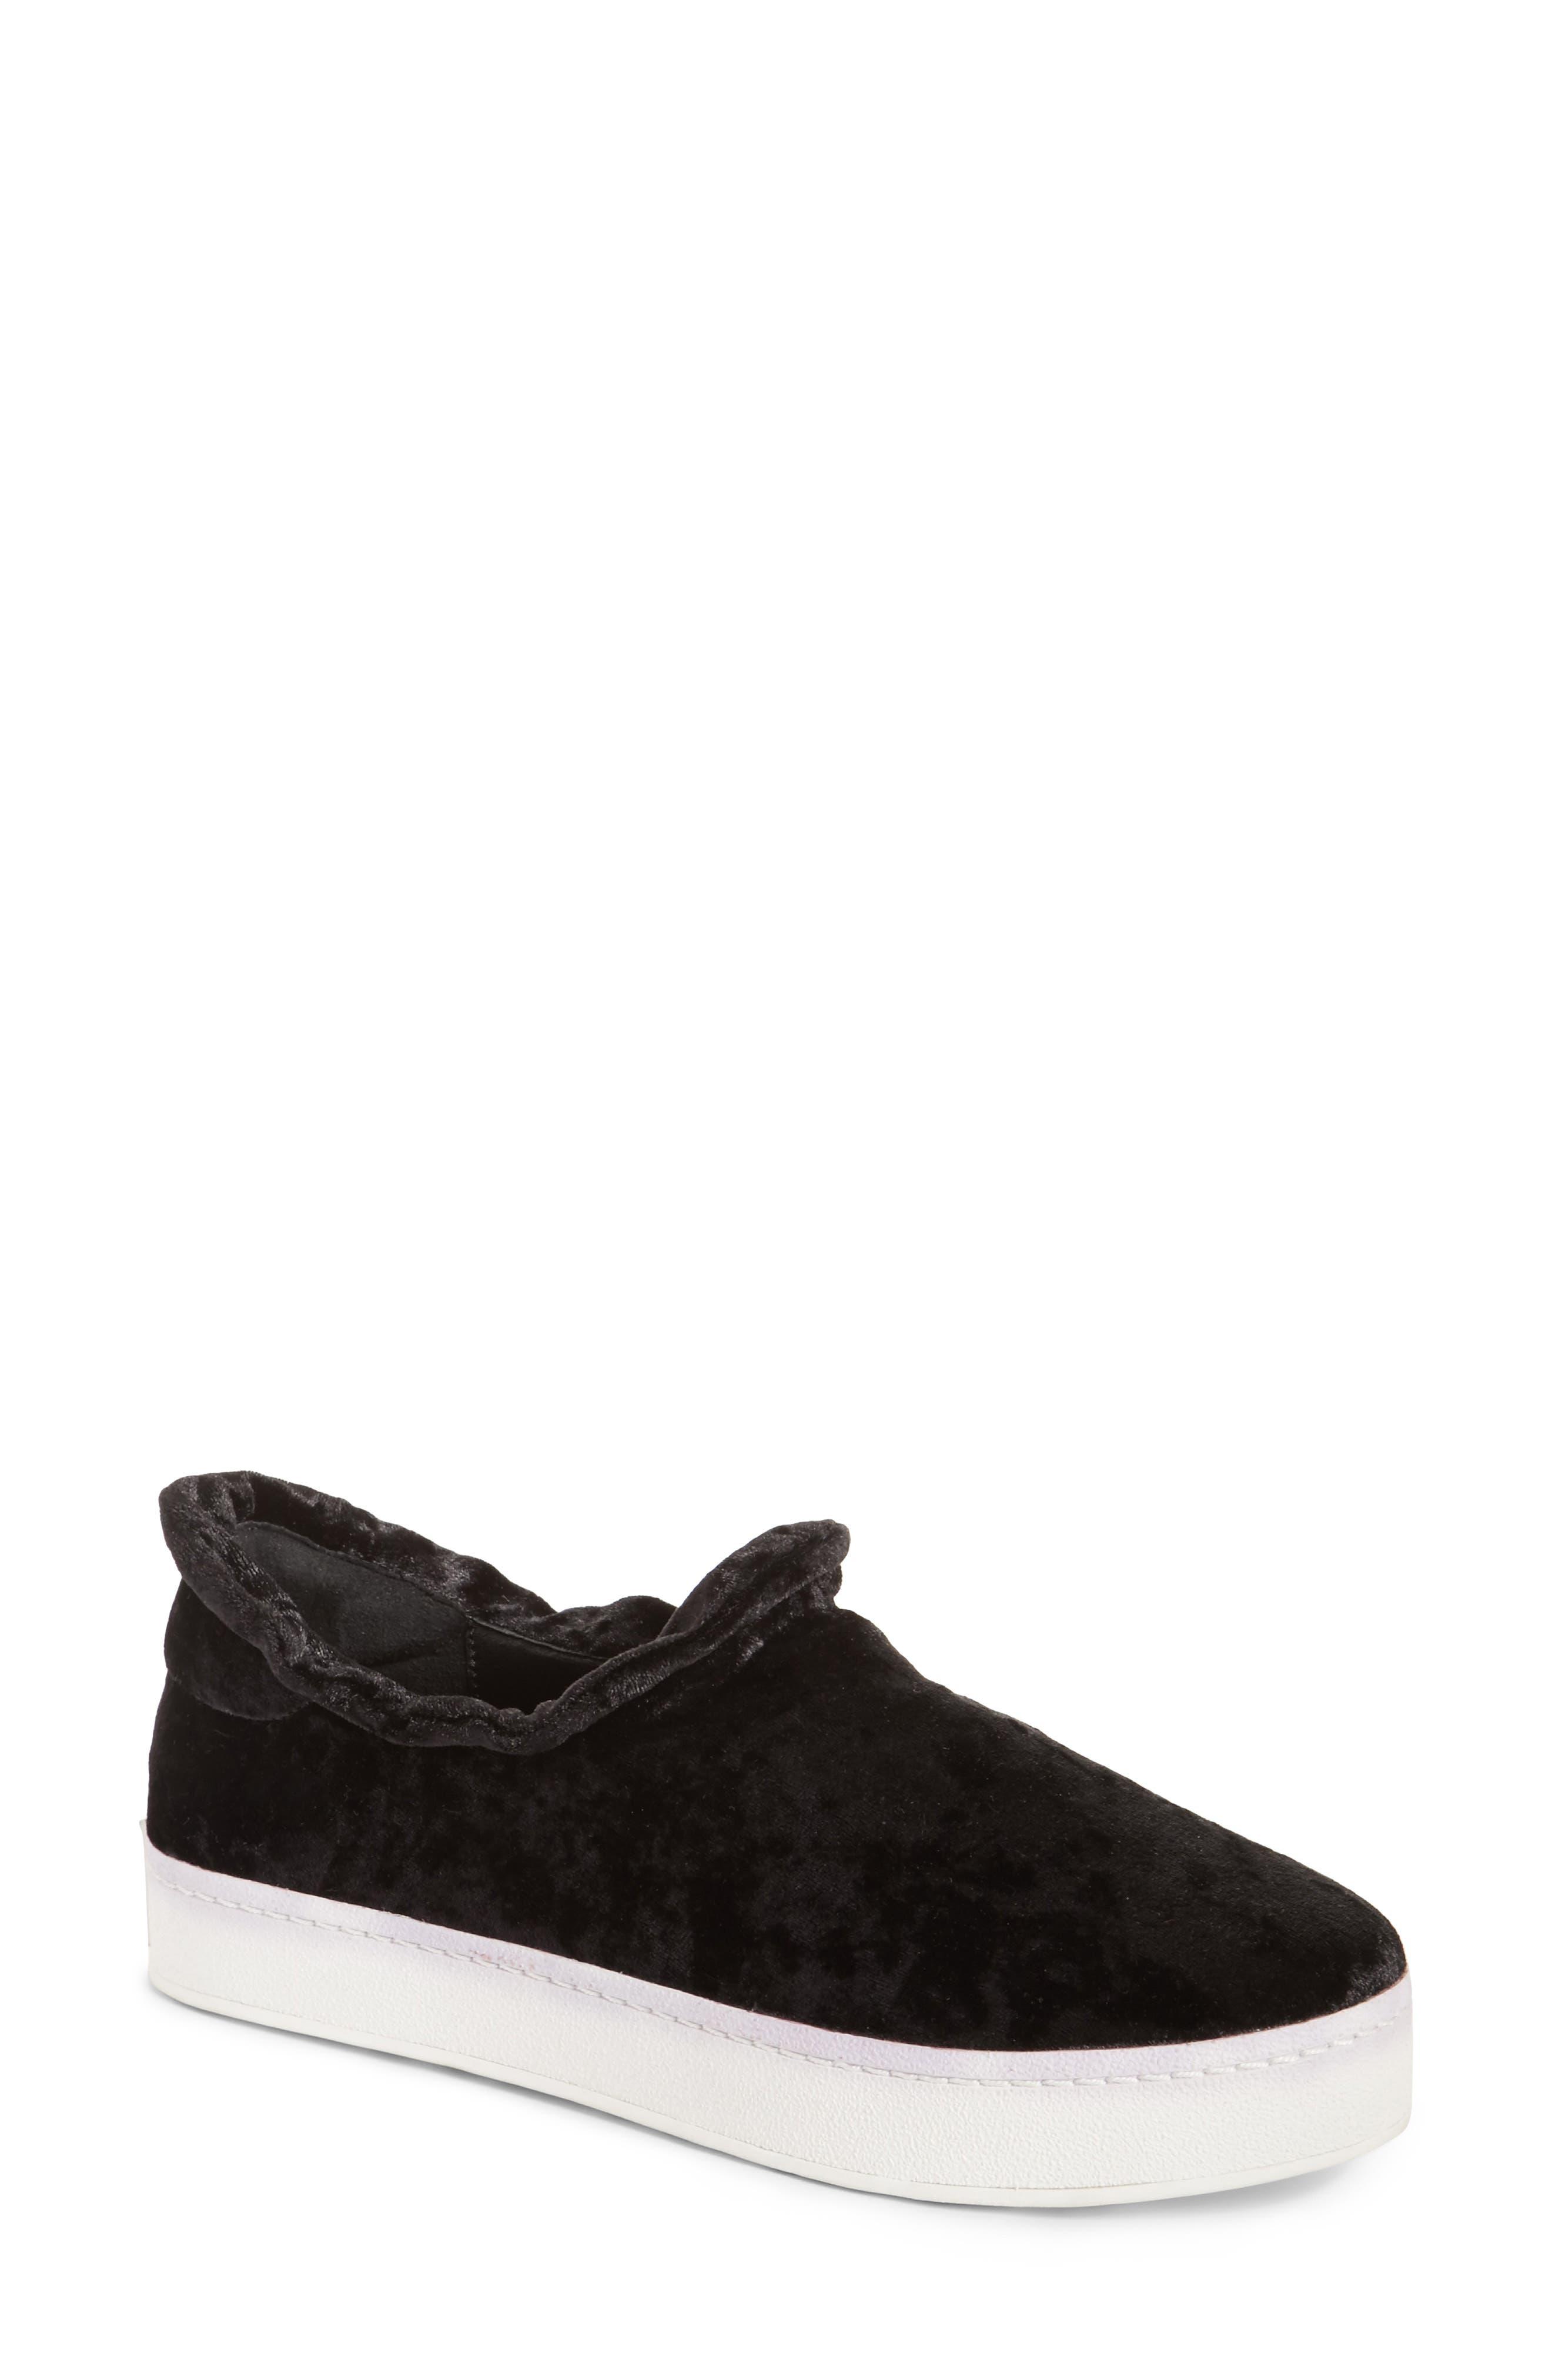 Cici Velvet Ruffle Slip-On Sneaker,                             Main thumbnail 1, color,                             001